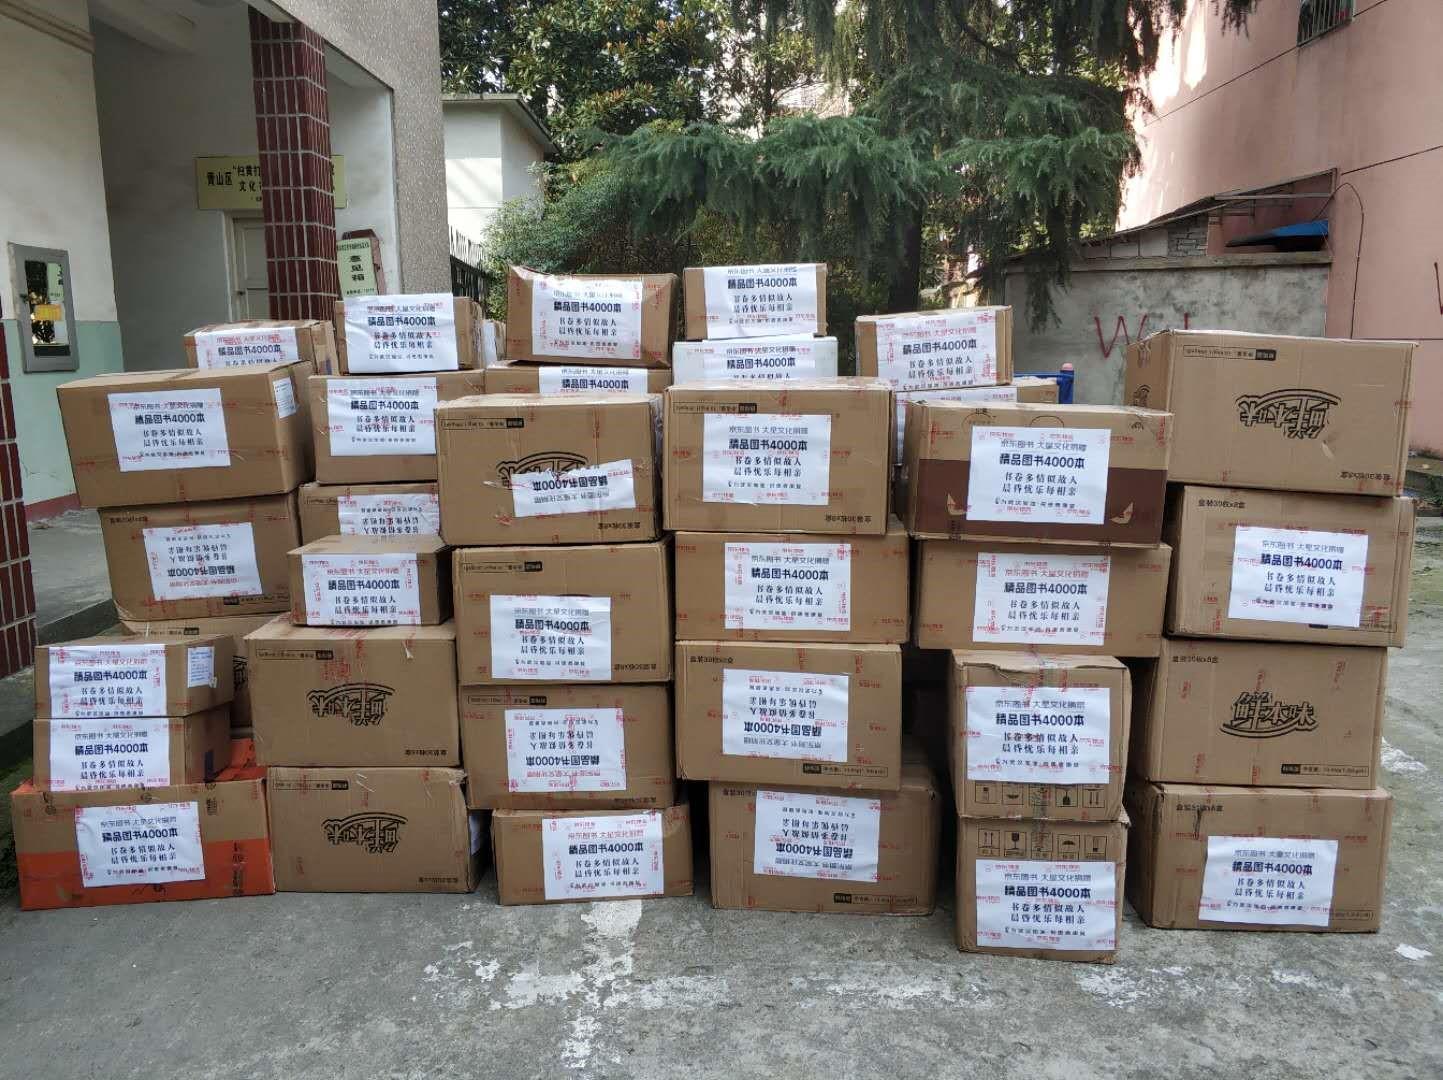 京東圖書攜手大星文化向武漢方艙醫院捐贈4000本書籍